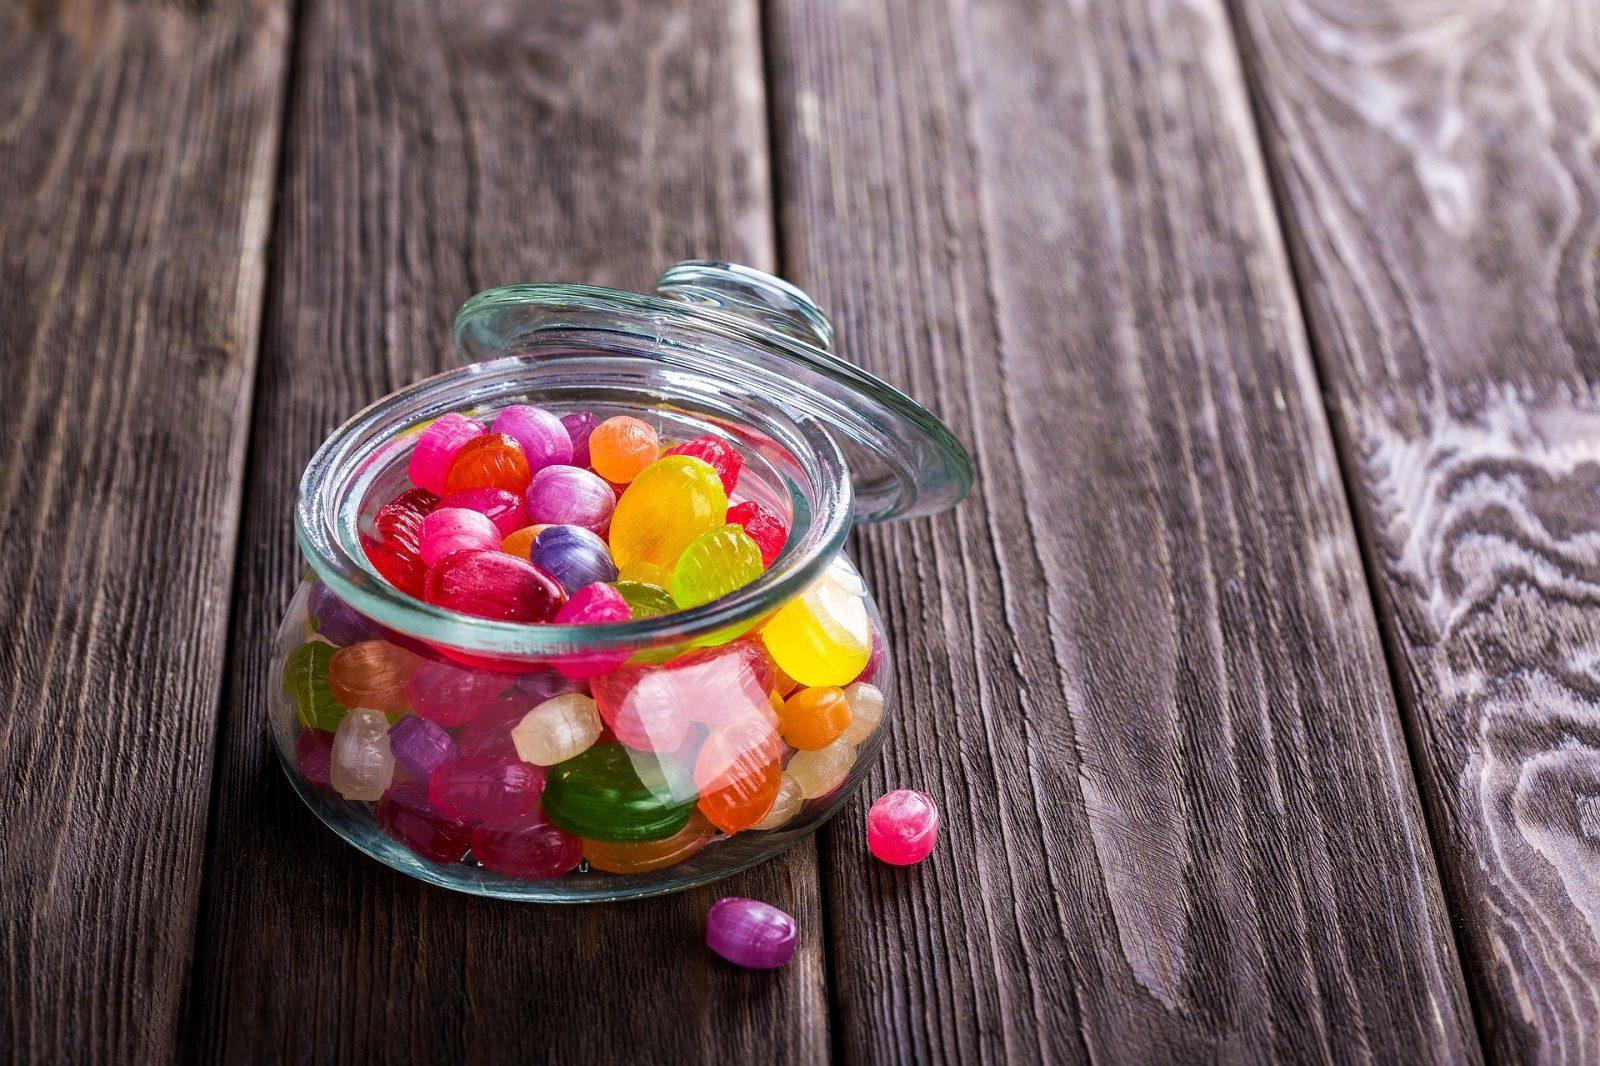 konfety-s-naturalnymi-rastitelnymi-ekstraktami